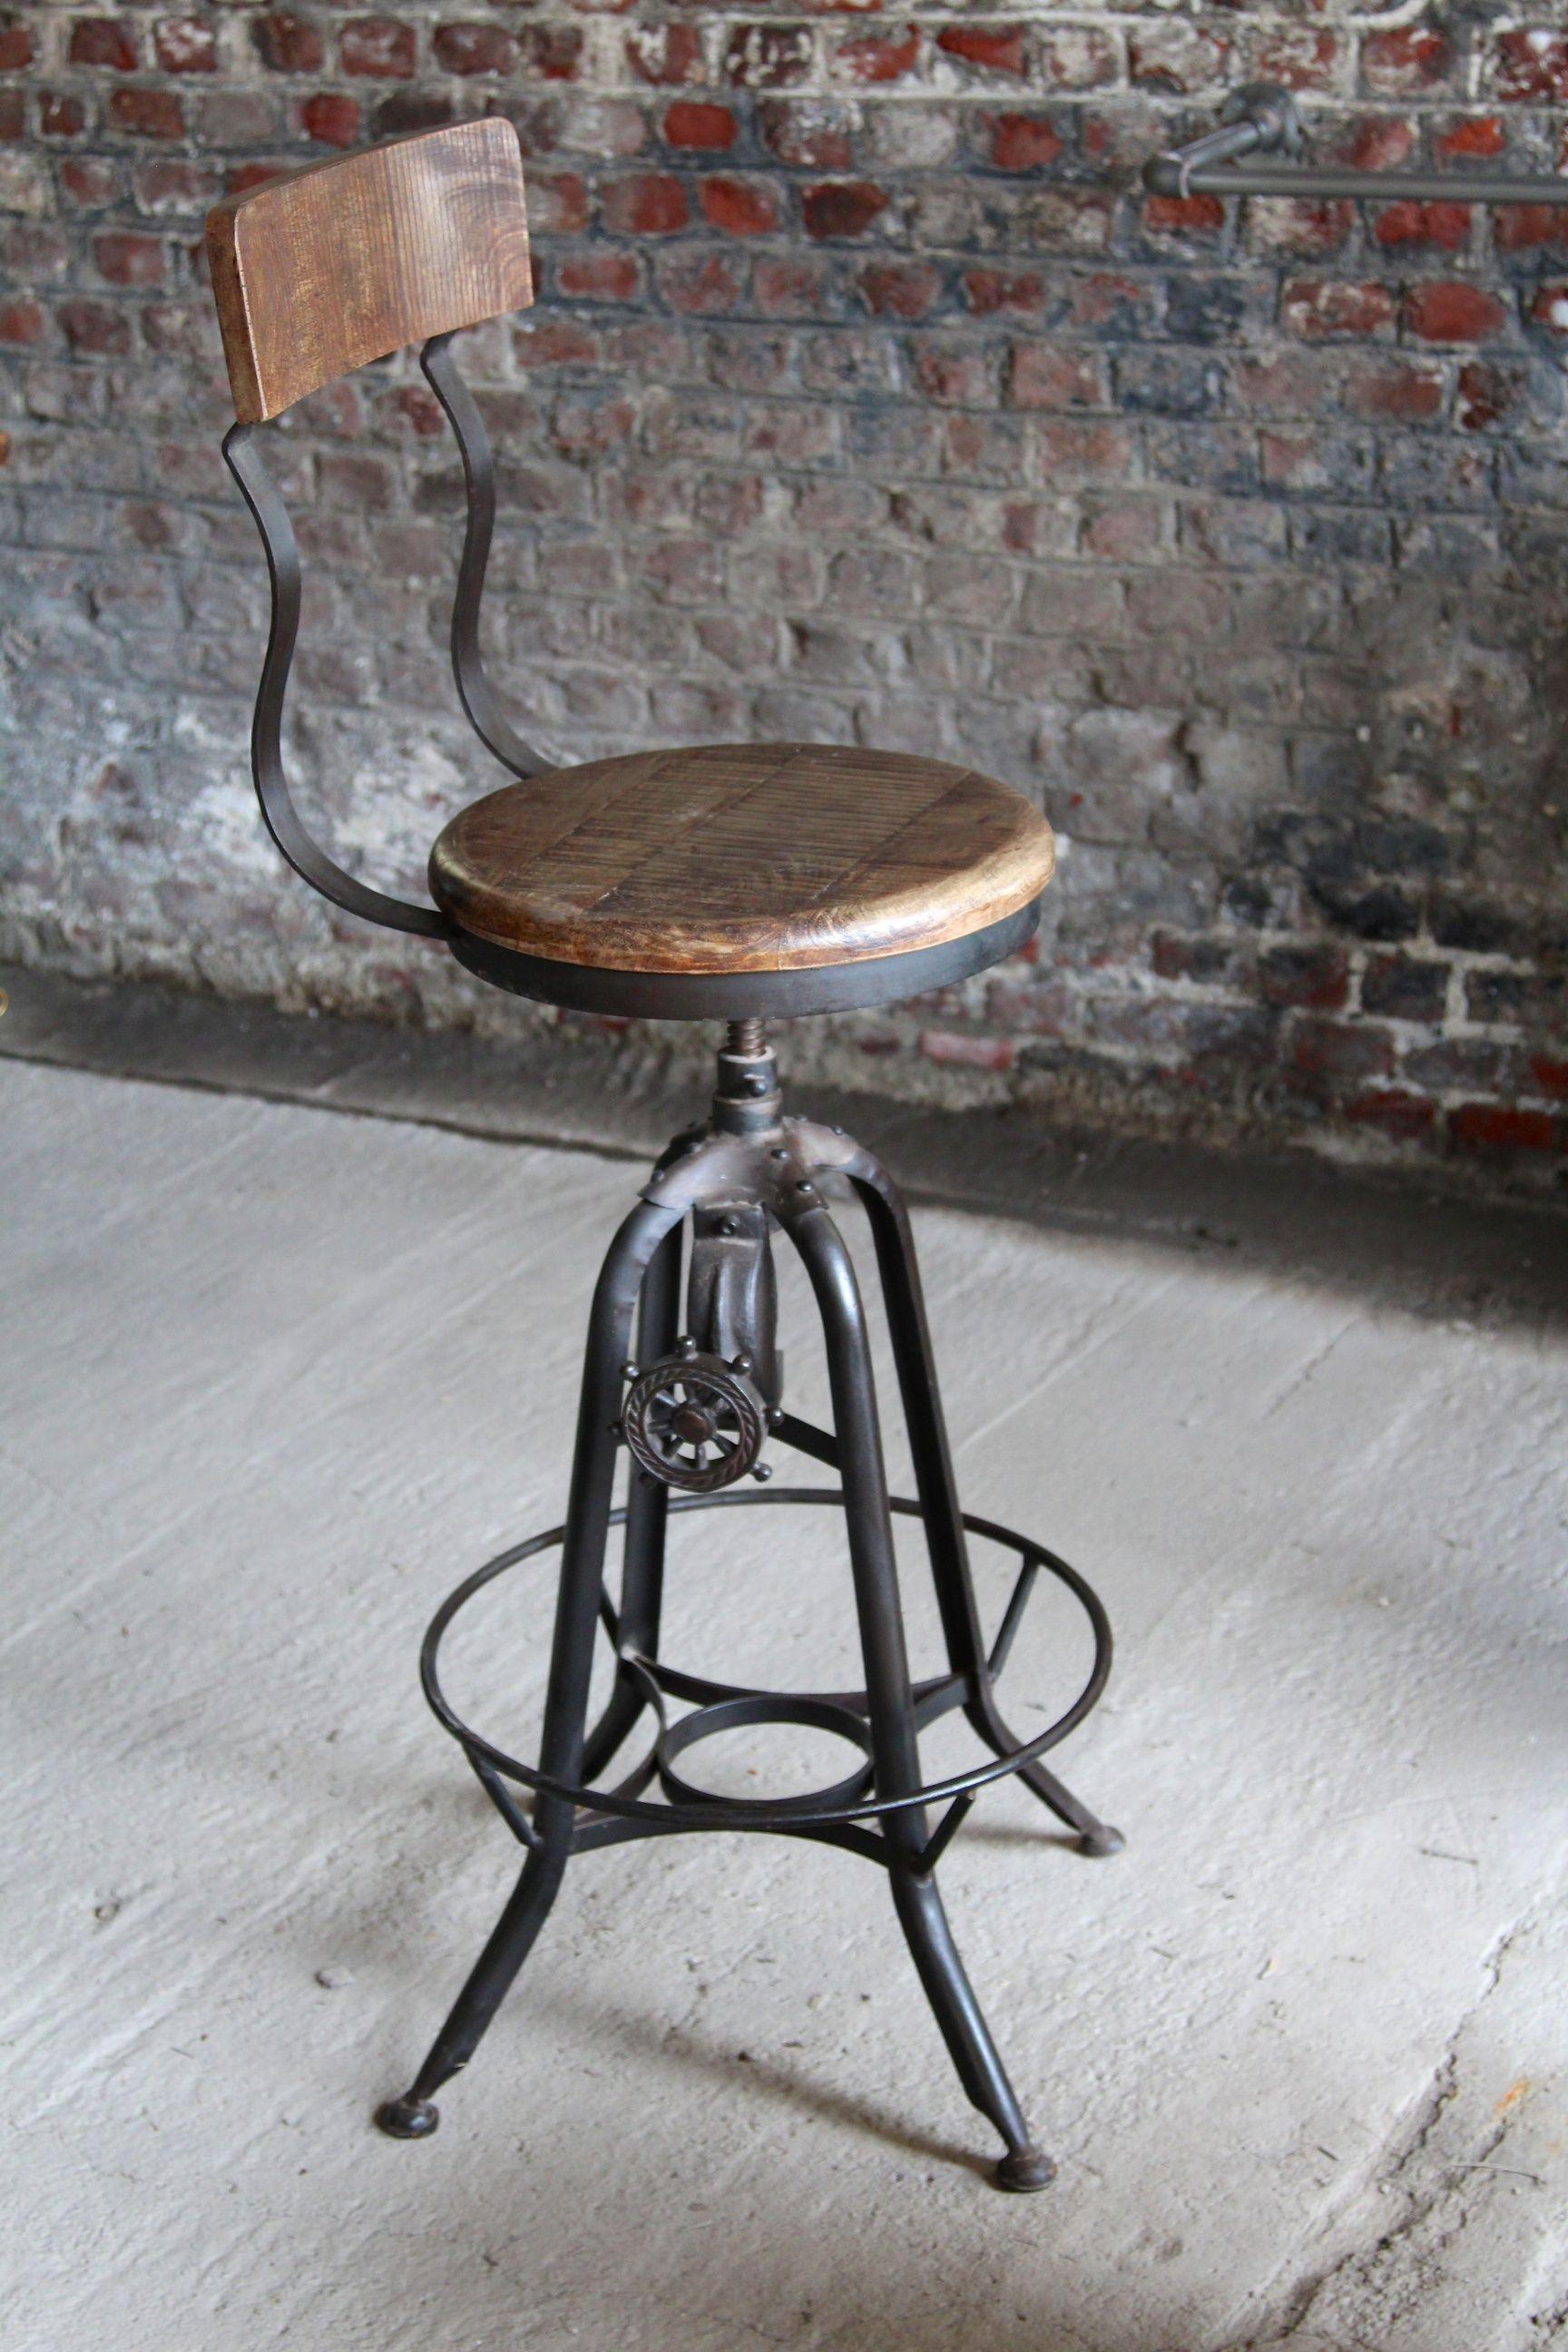 Tabouret De Bar Bois Et Metal Barak7 194 Tabouret De Bar Bois Tabouret De Bar Ameublement Industriel Vintage